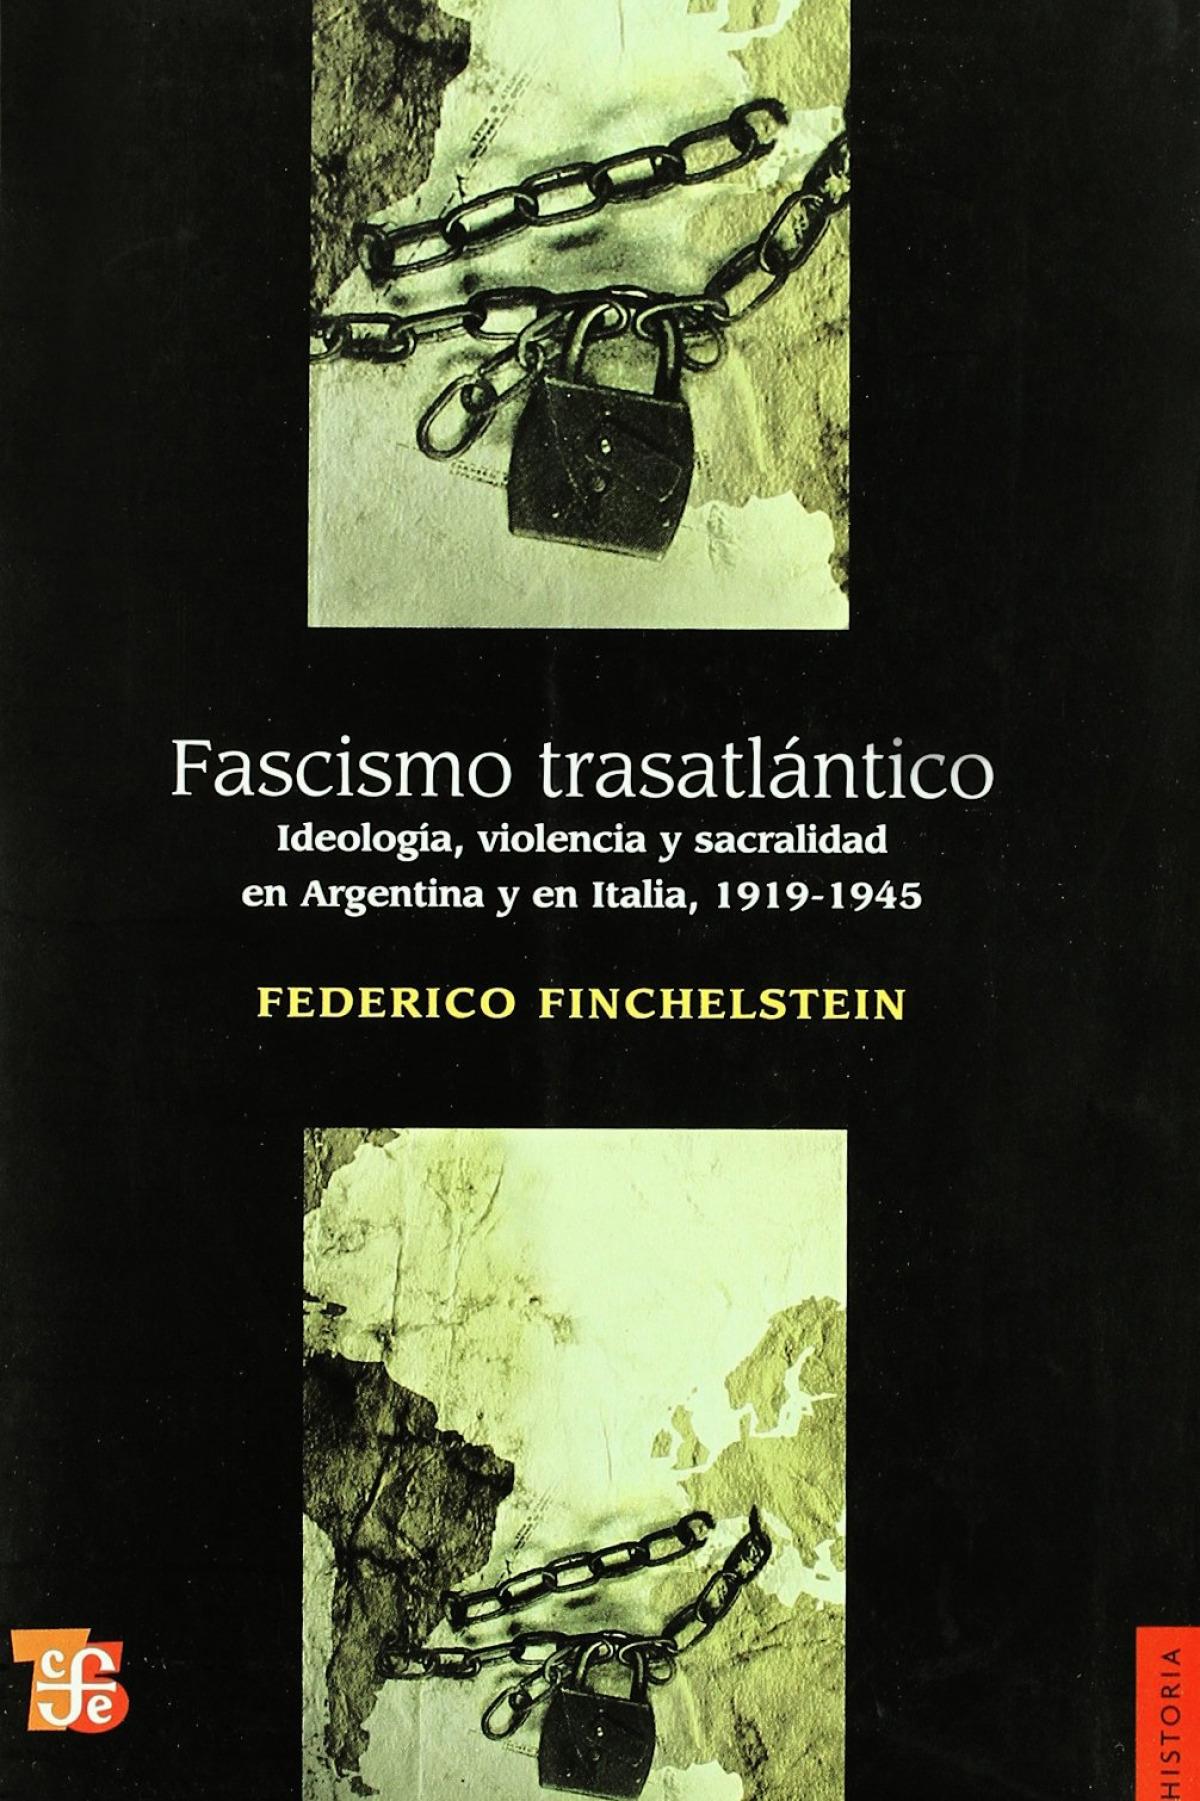 Fascismo trasatlántico : Ideología, violencia y sacralidad en Argentina y en Italia, 1919-1945